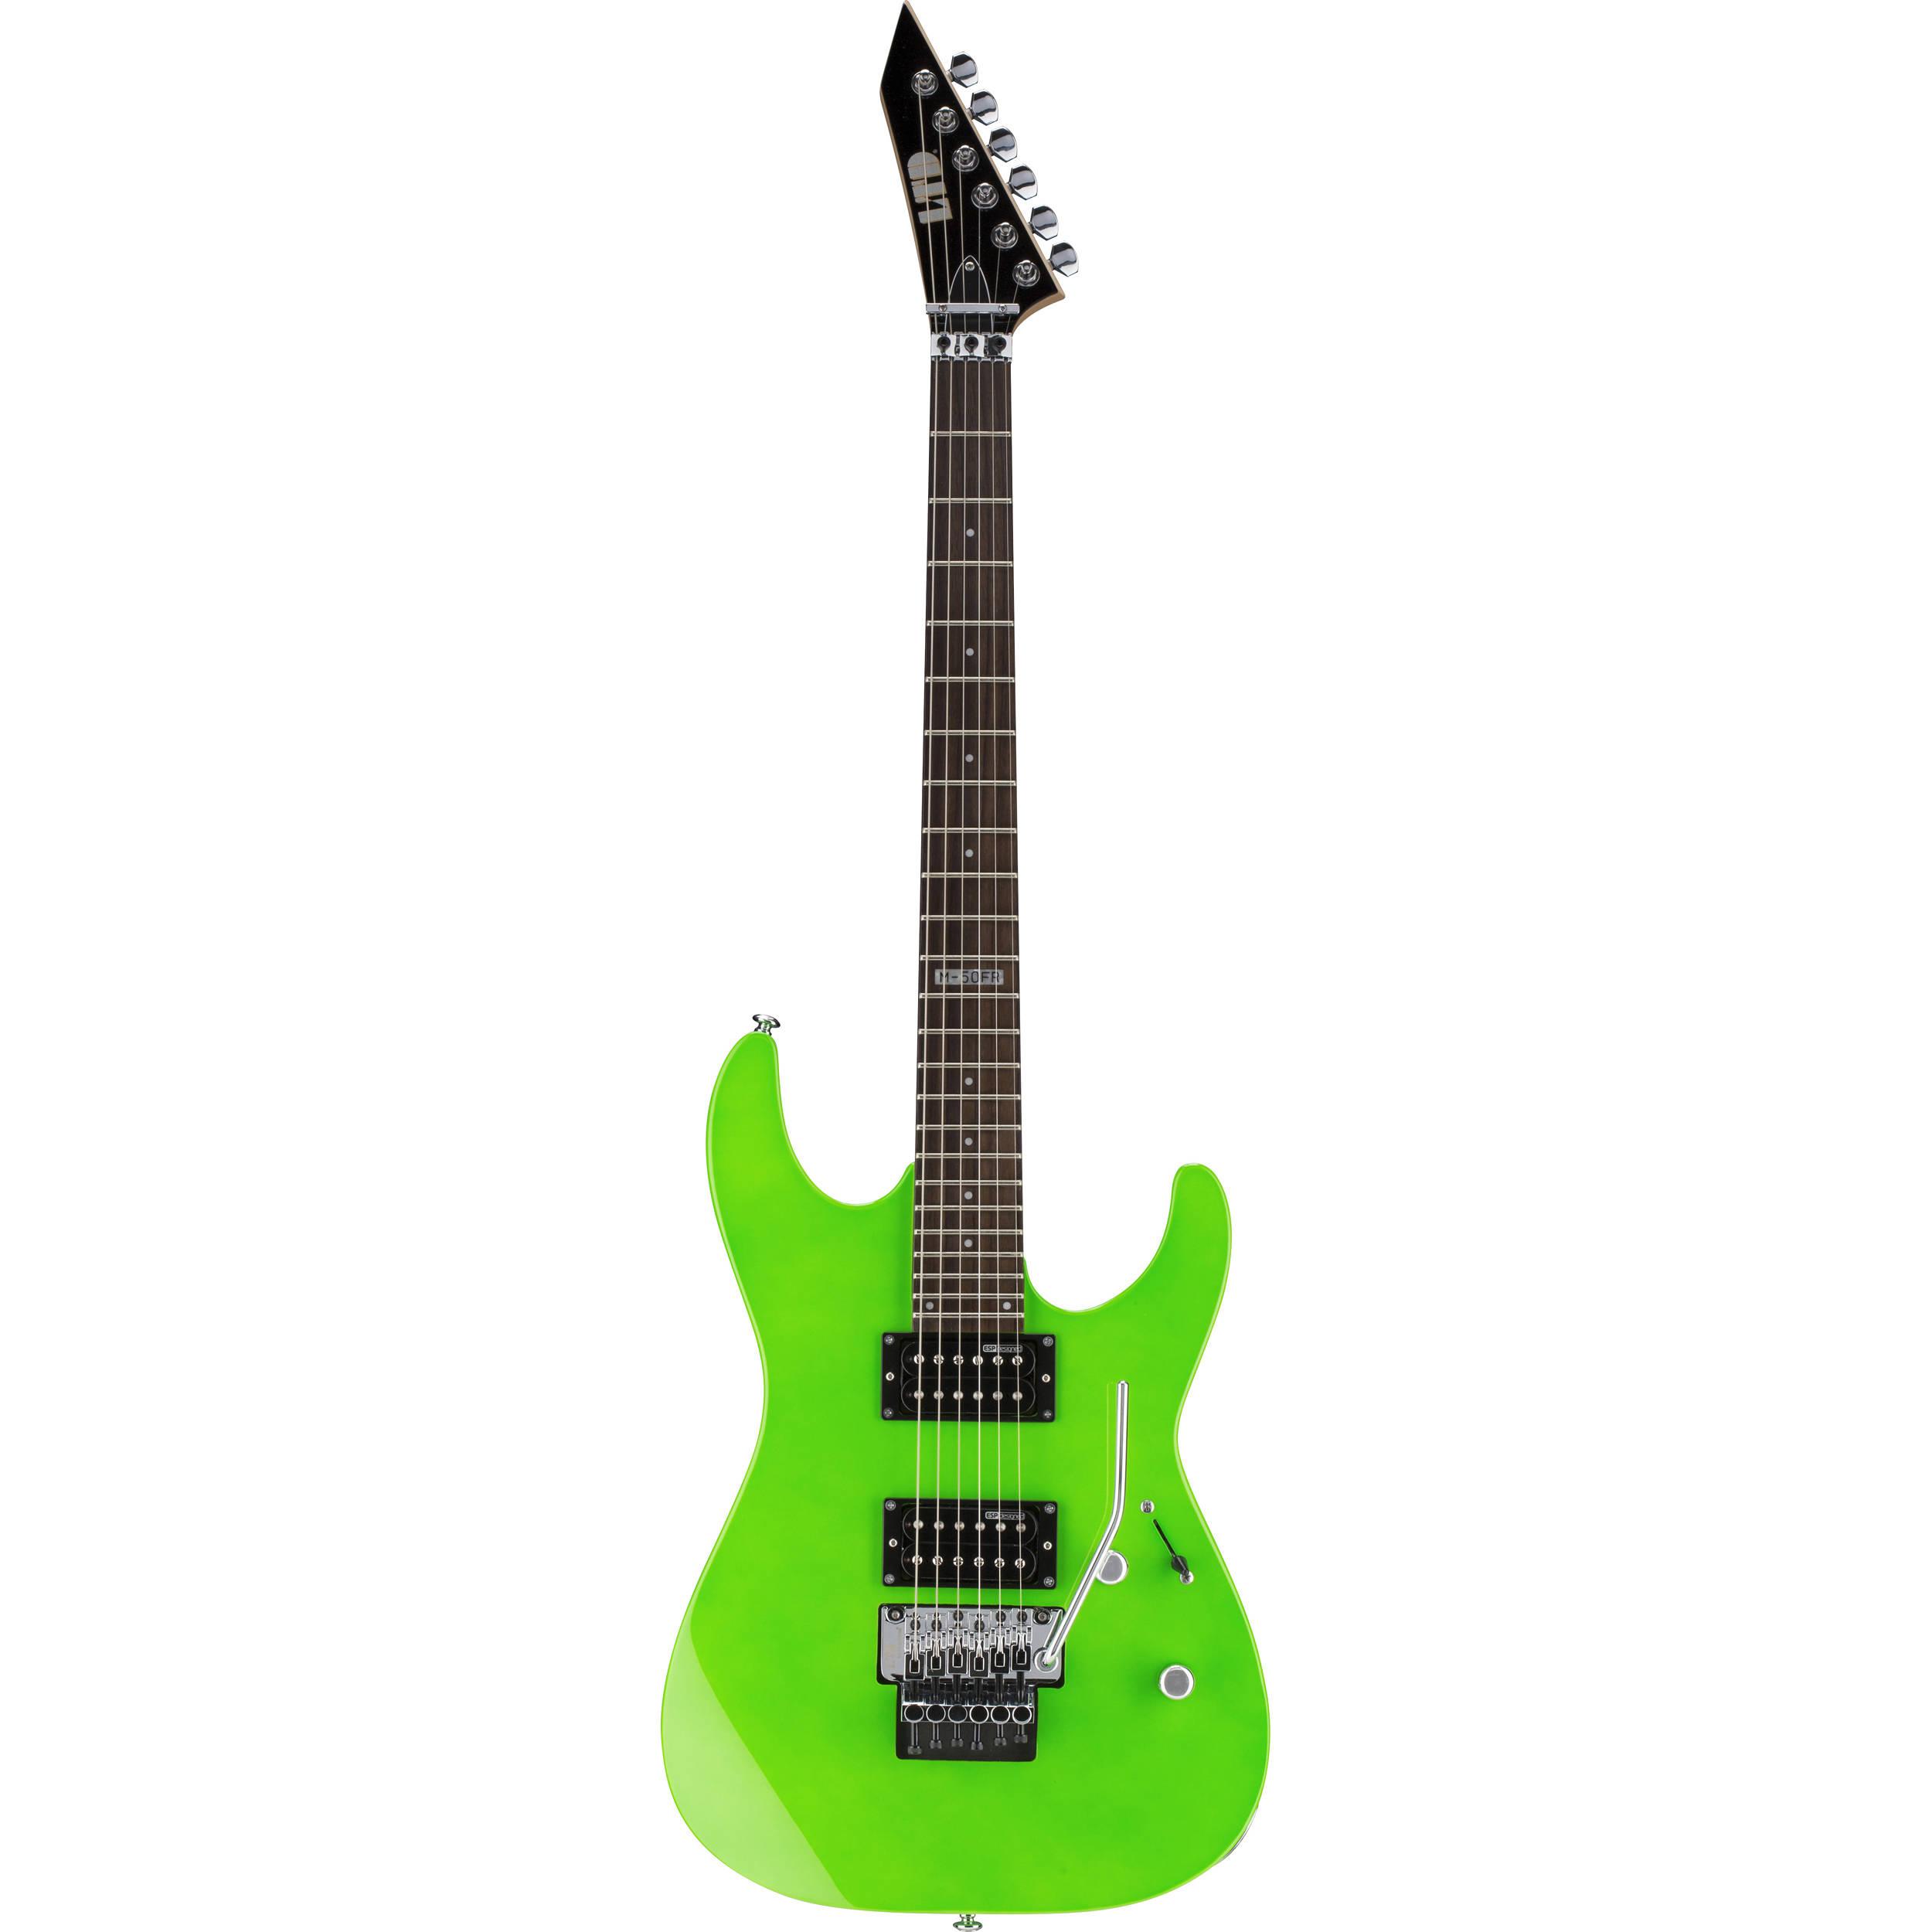 esp ltd m 50fr electric guitar neon green lm50frngr b h photo. Black Bedroom Furniture Sets. Home Design Ideas